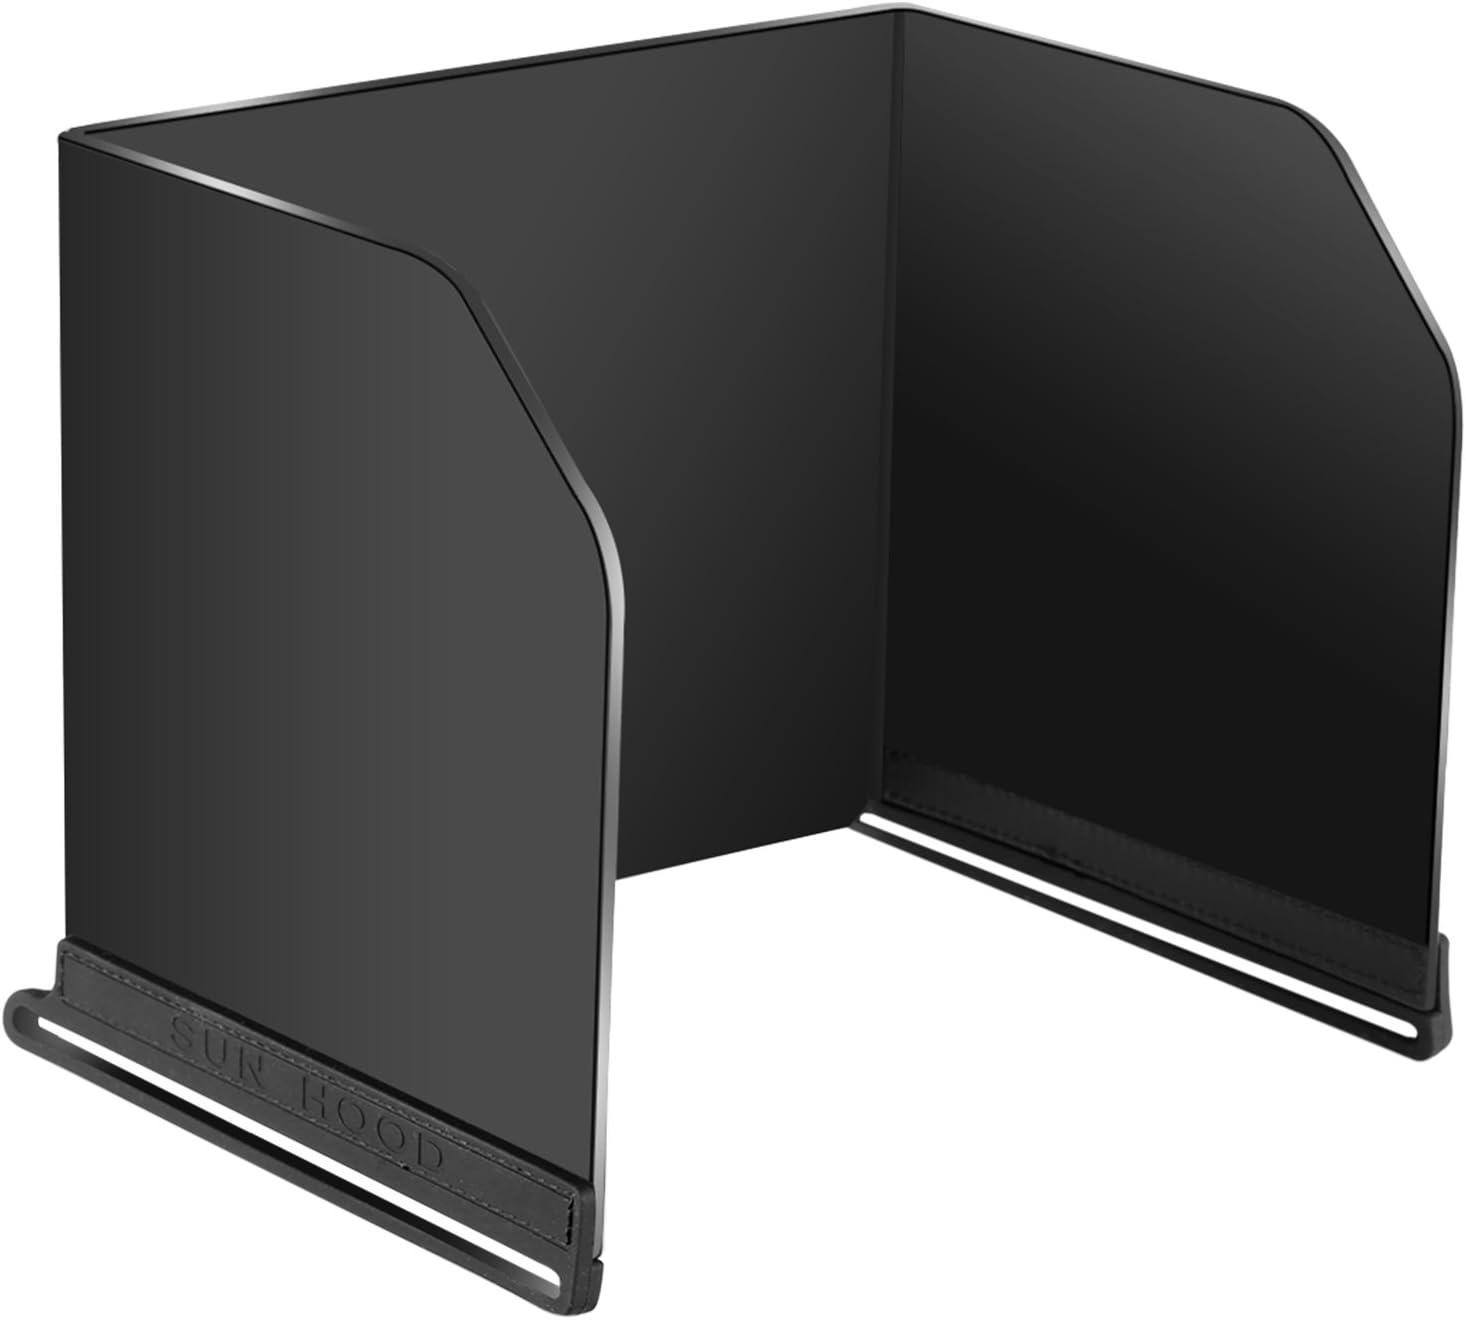 Neewer Controlador Remoto Smartphone Tablet Monitor Parasol ...